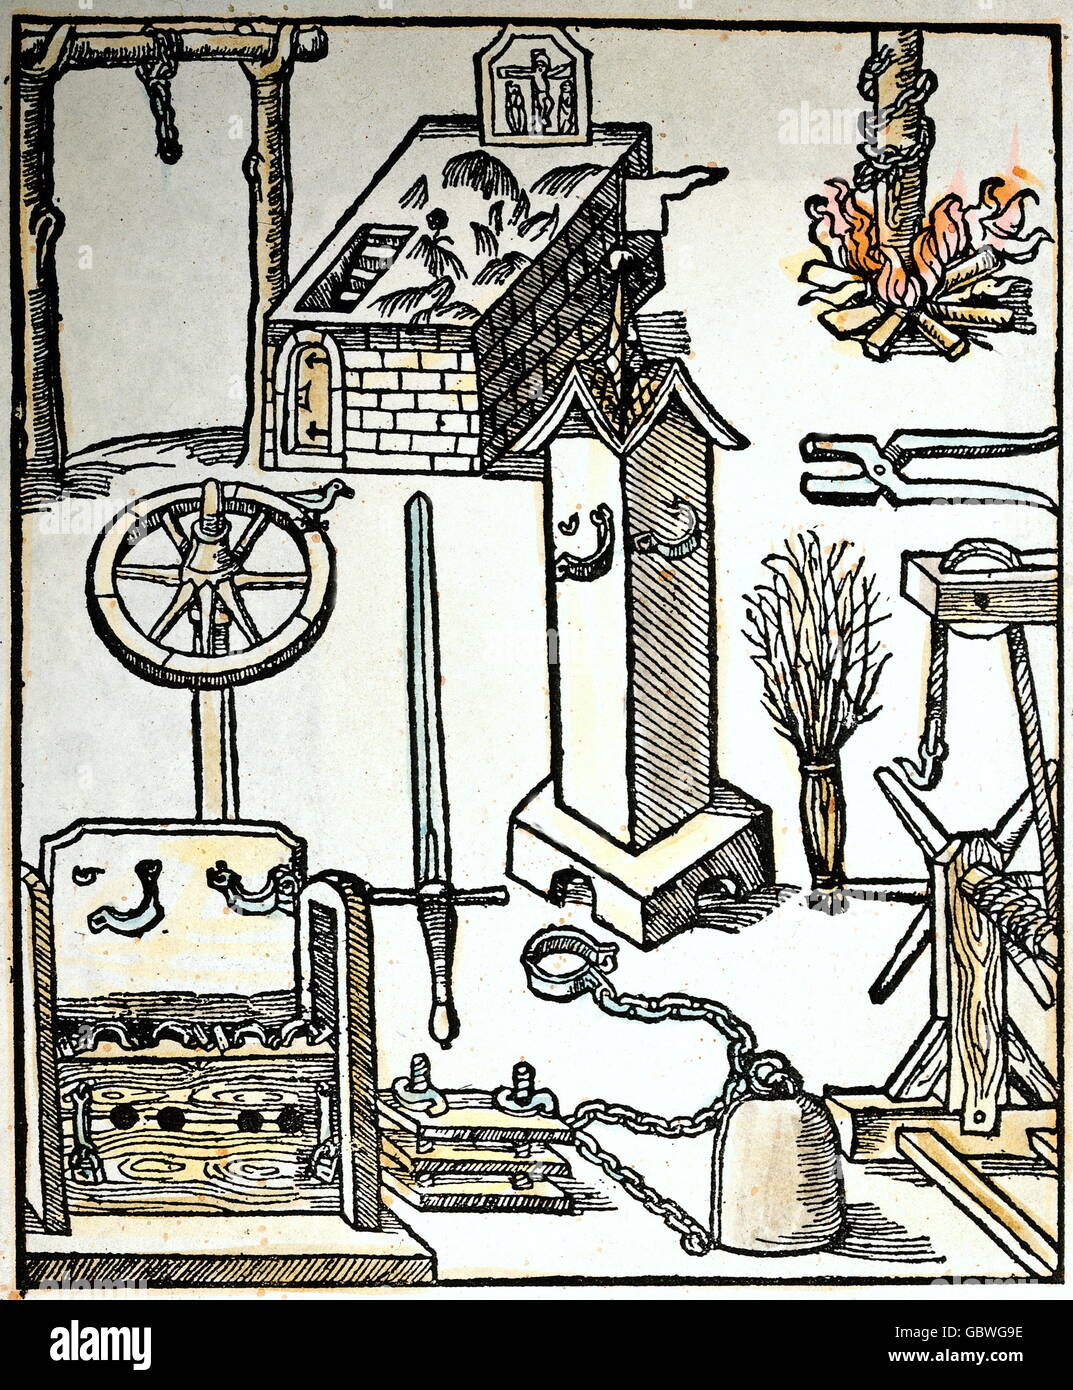 Thumbscrews medieval